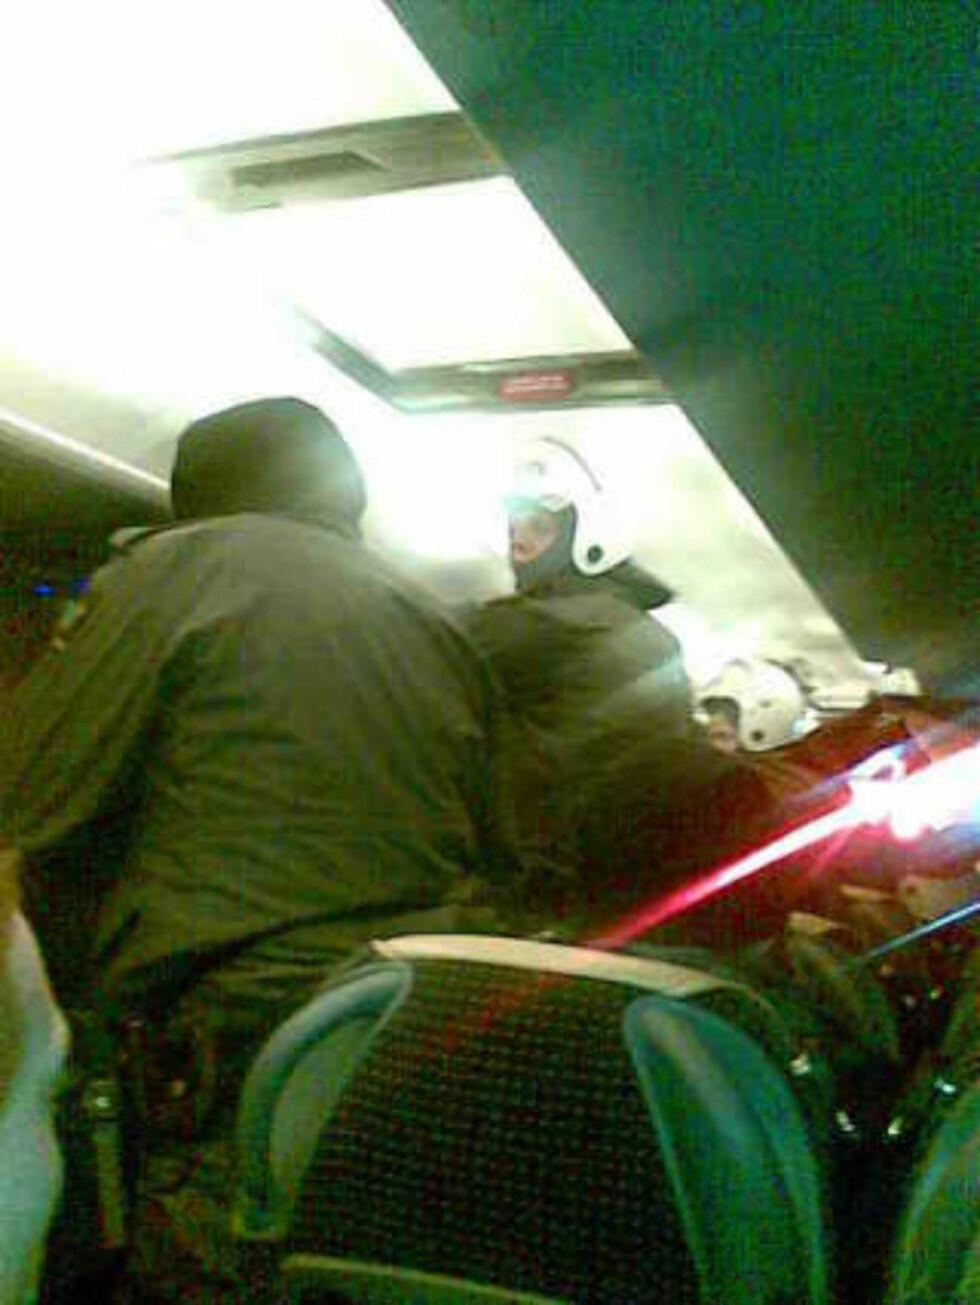 FRAKTET TIL POLITIHUSET: Her står politiet inne på bussen og passer på de innbrakte. MMS-foto: Privat